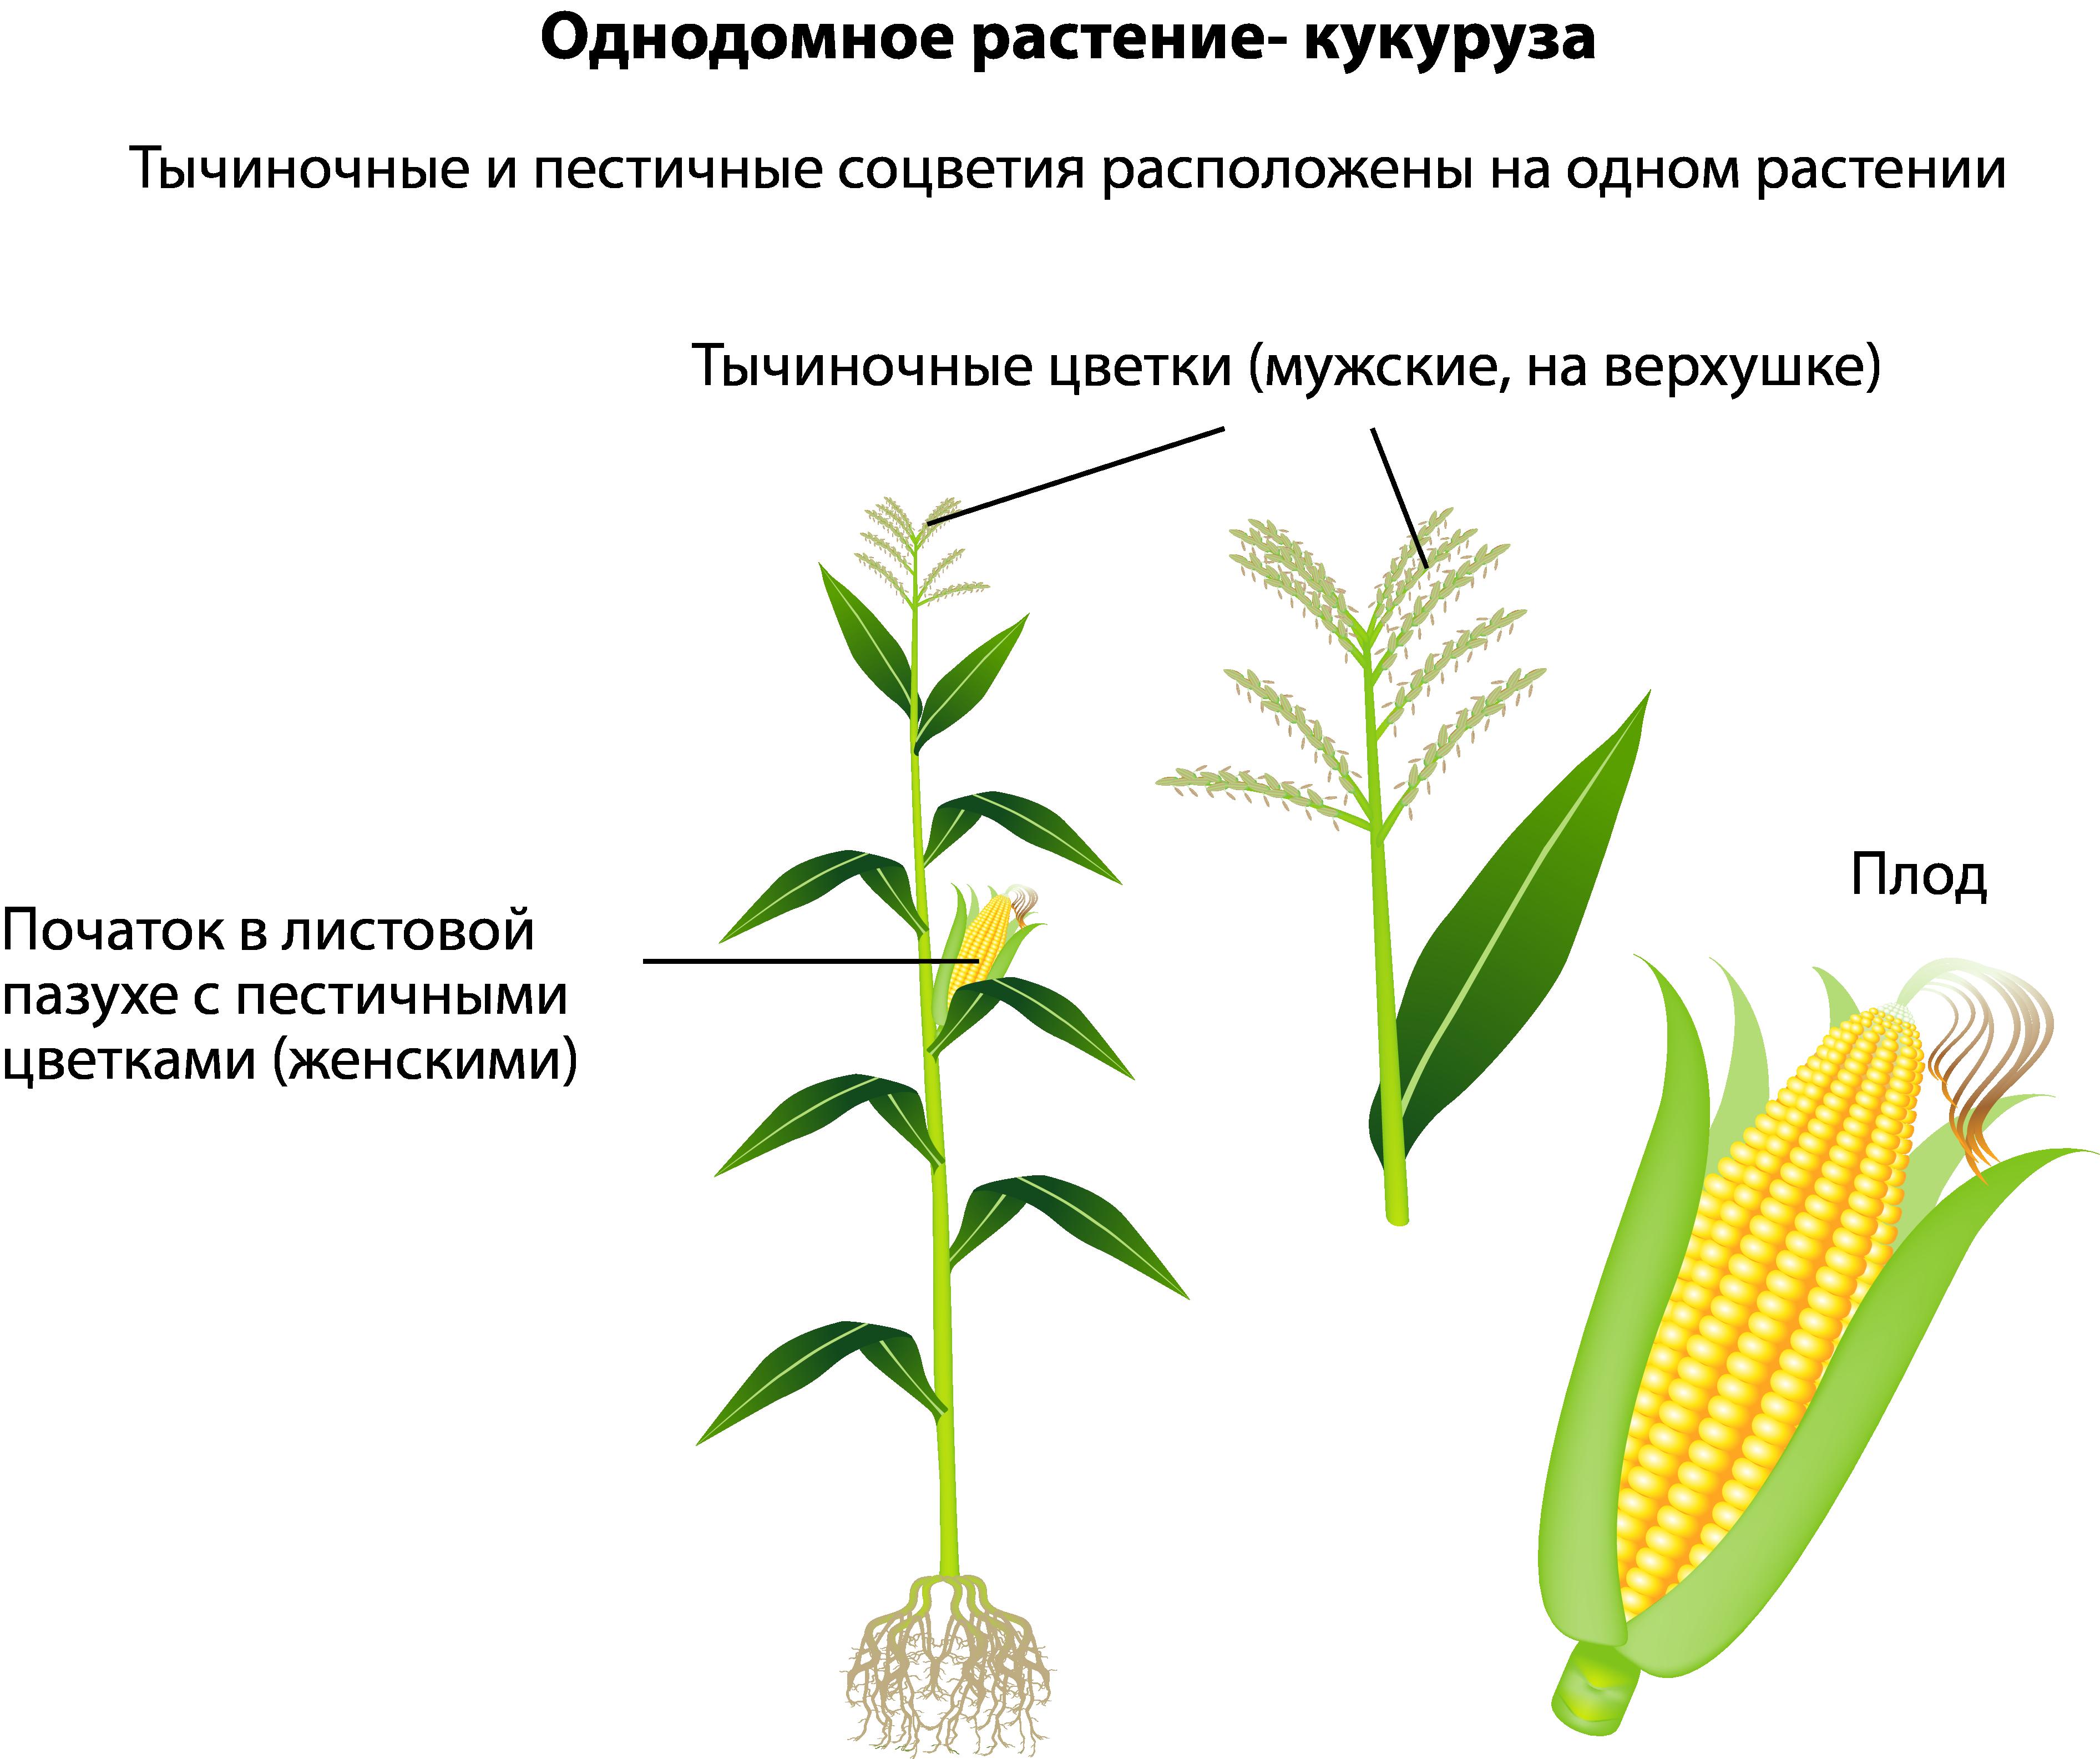 Однодомное растение кукуруза